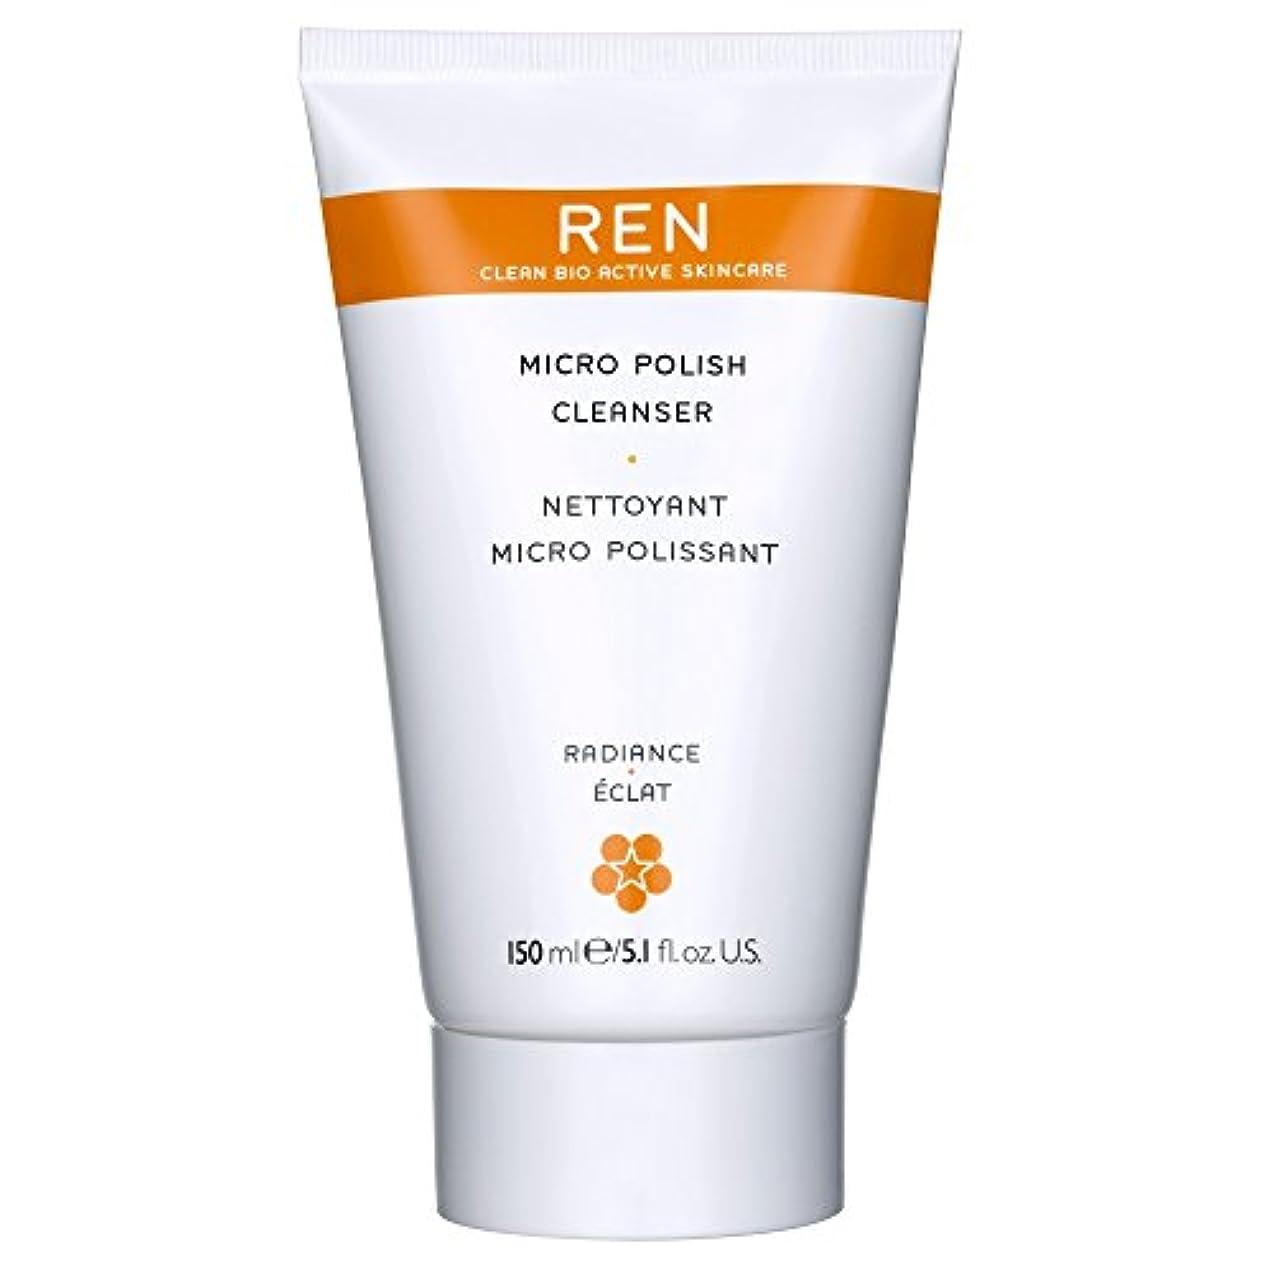 模倣ふける保守可能Renミルコ磨きクレンザー、150ミリリットル (REN) (x2) - REN Mirco Polish Cleanser, 150ml (Pack of 2) [並行輸入品]